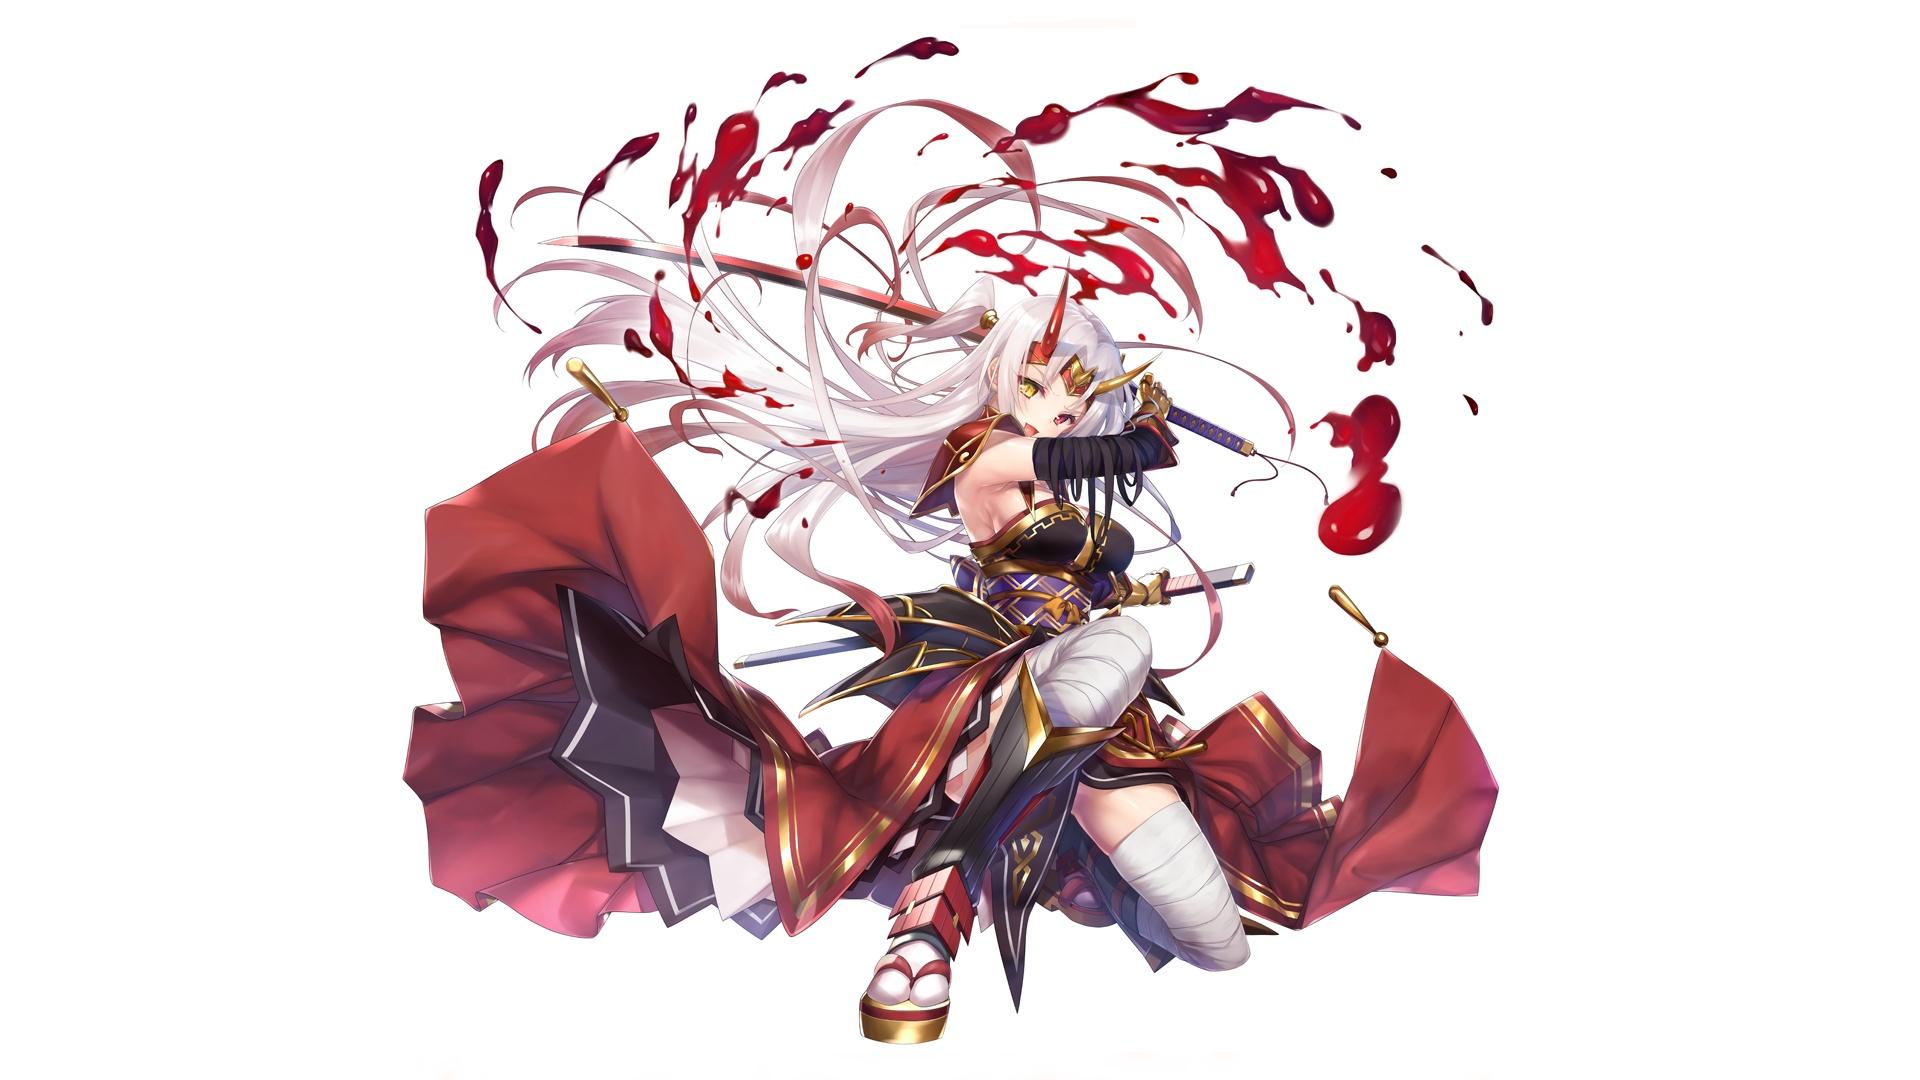 Anime Girl Wallpaper White Haired Wolf Girl Desktop Wallpaper White Hair Anime Girl Sword Warrior